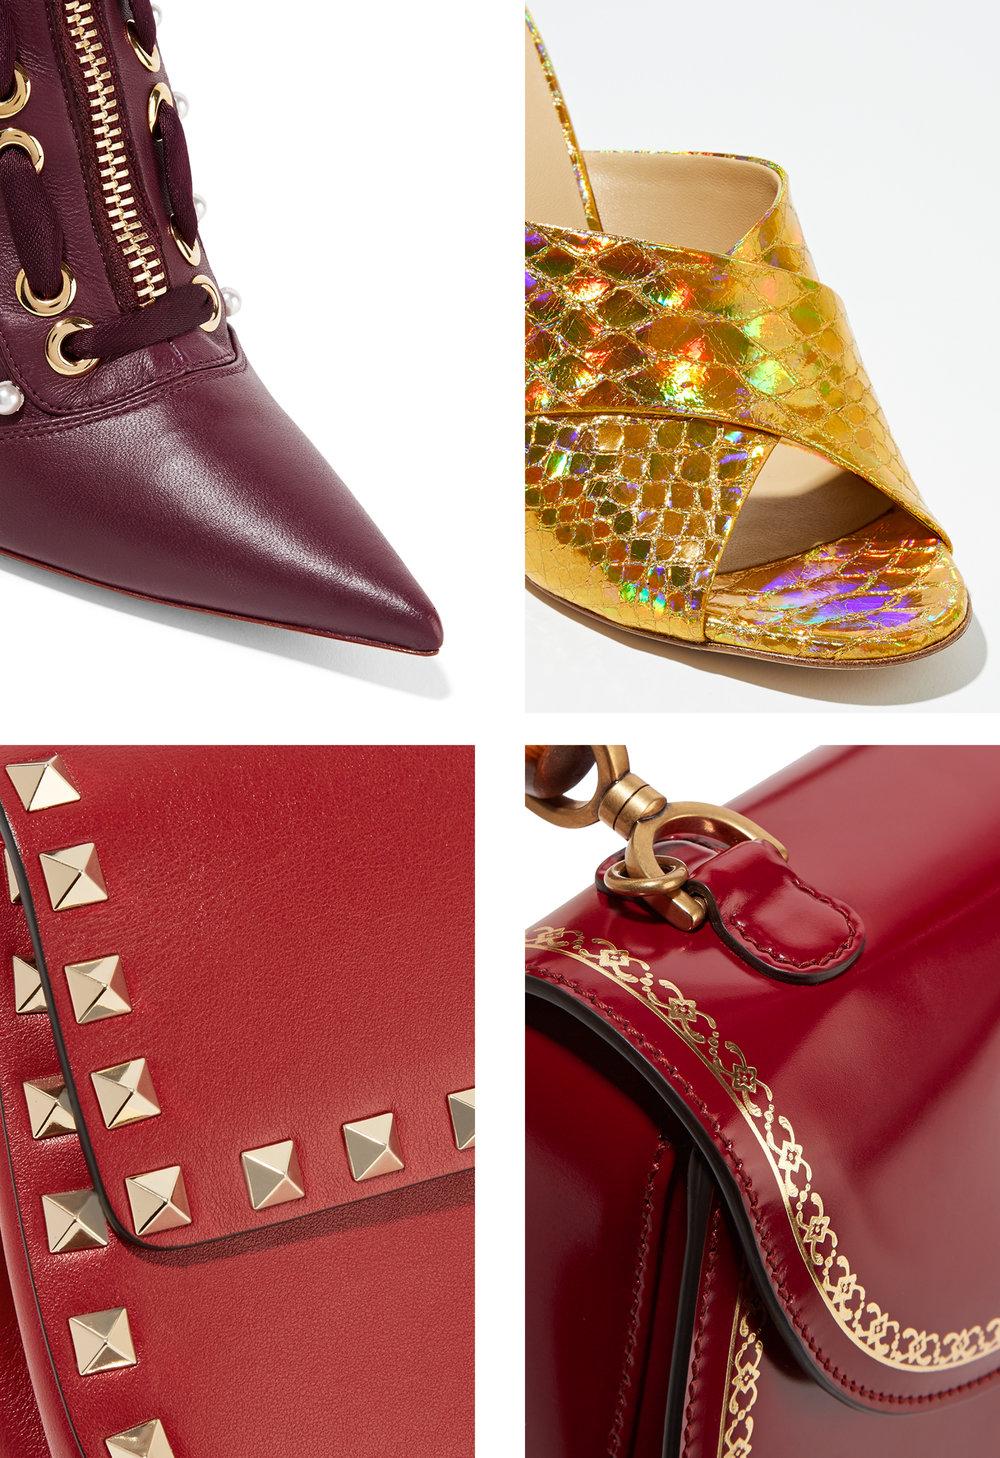 Shoes_Bags.jpg